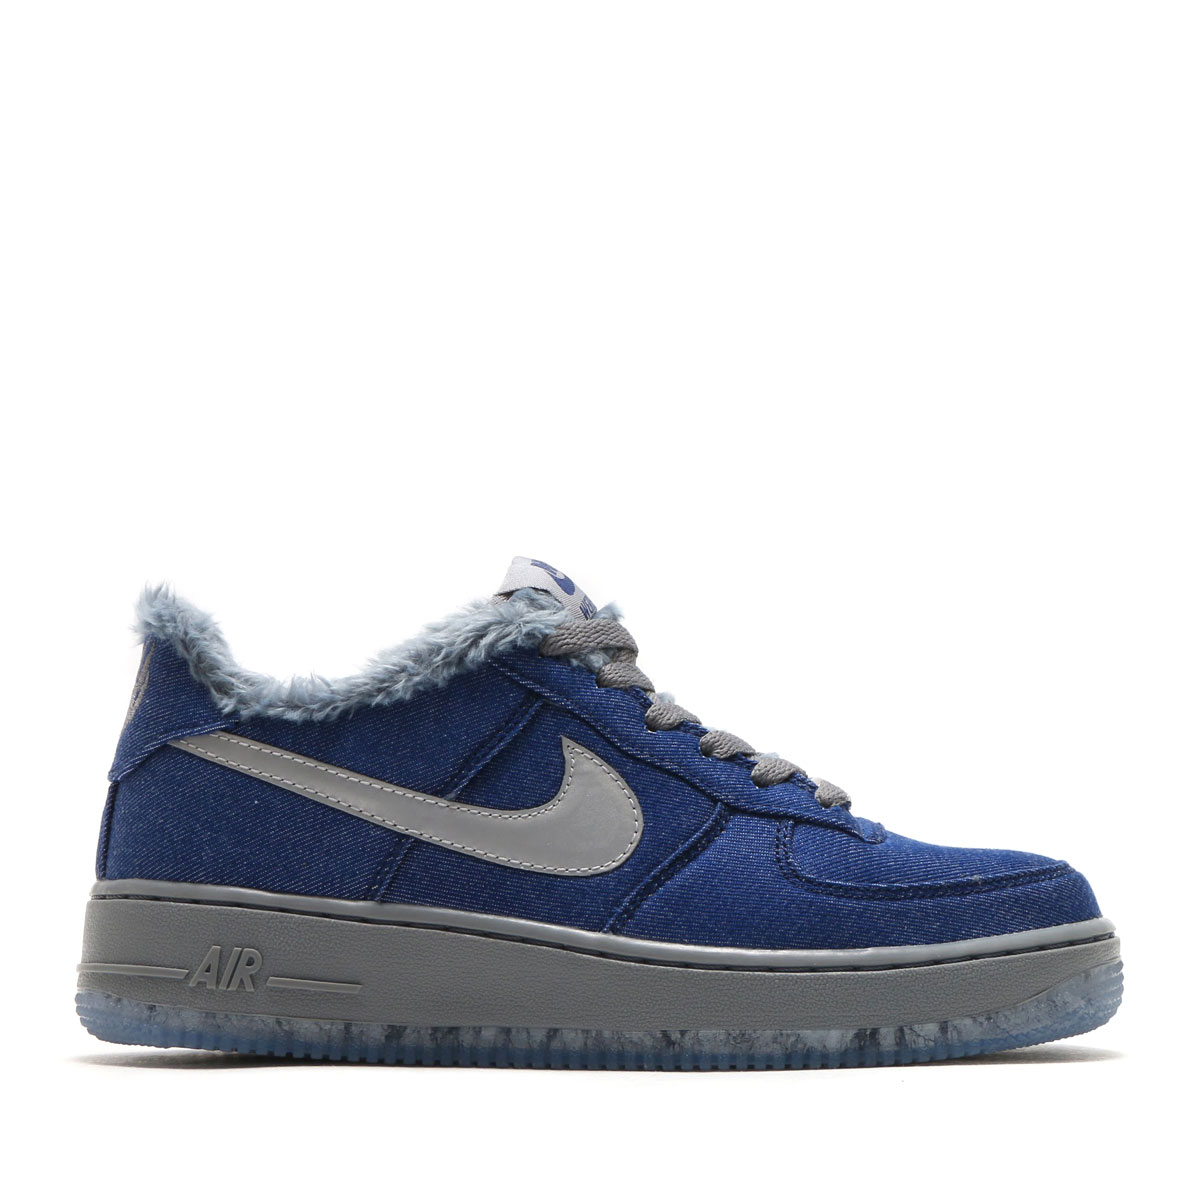 ... AJ4234-400 Denimwolf grey Youth NIKE AIR FORCE 1 PINNACLE QS (GS) (Nike  air force 1 Pinnacle QS ... 1bca601f7